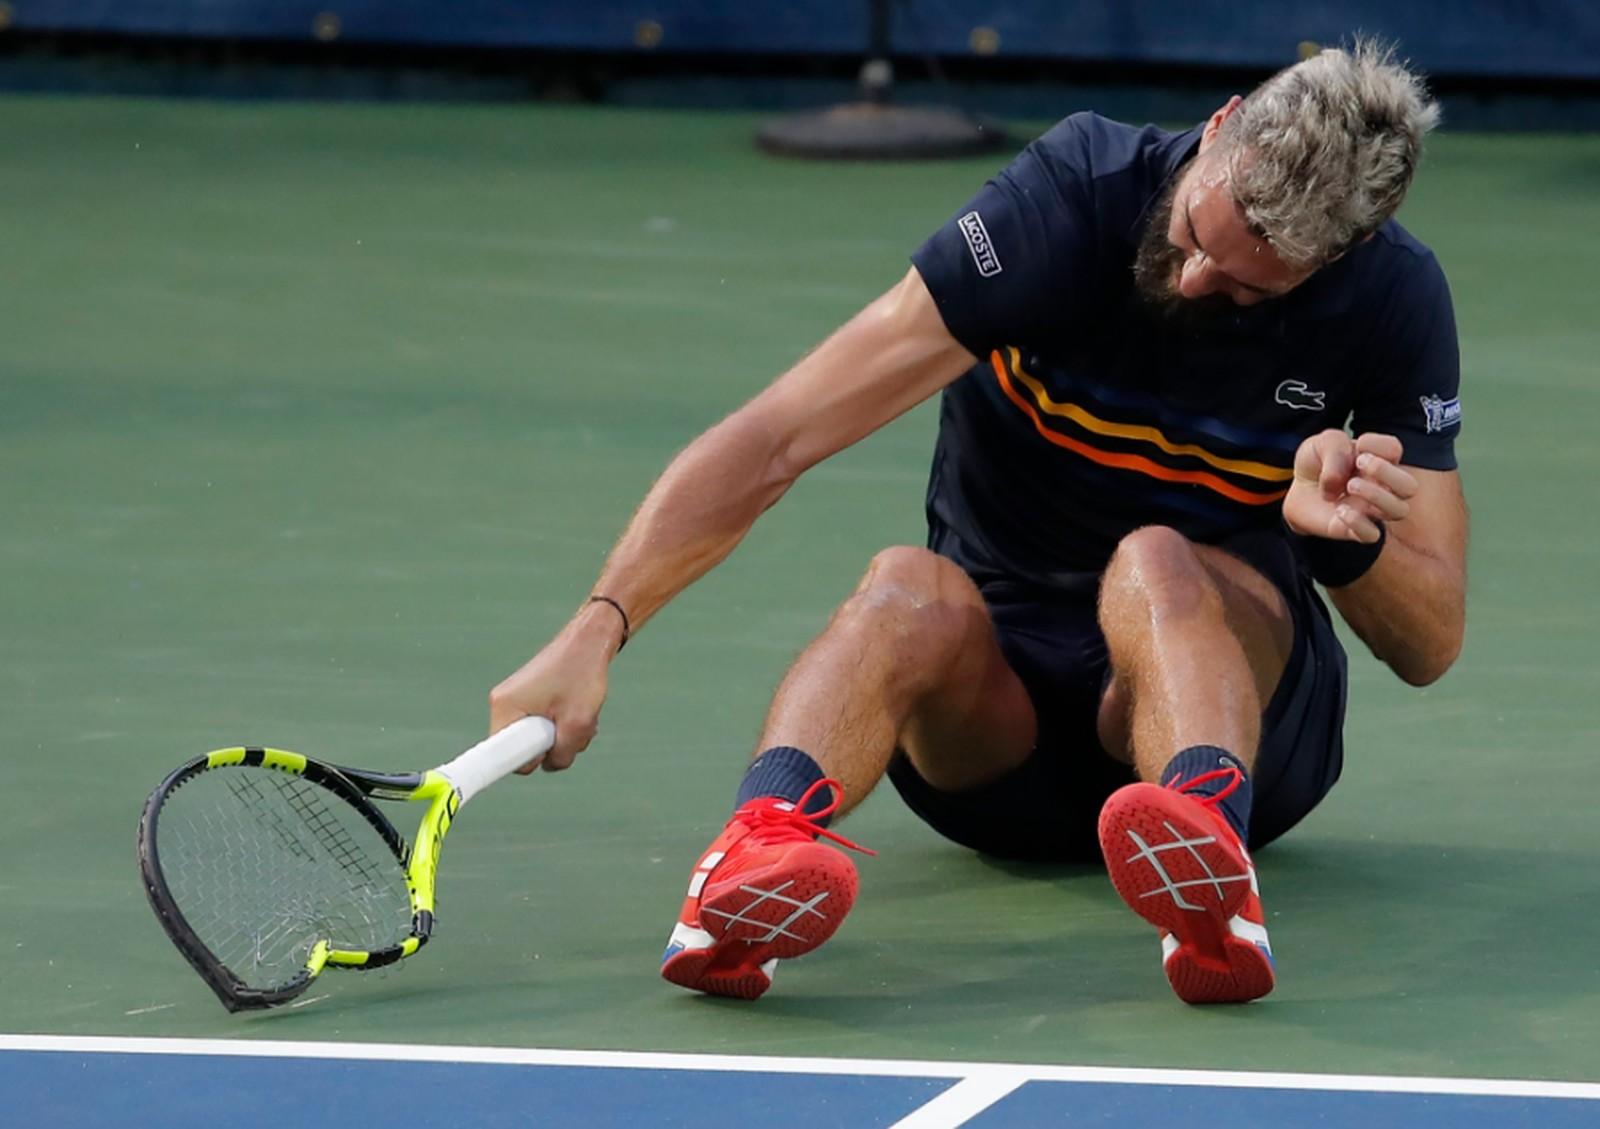 Bizarro! Revoltado, tenista francês destrói três raquetes no chão e ainda chuta banco